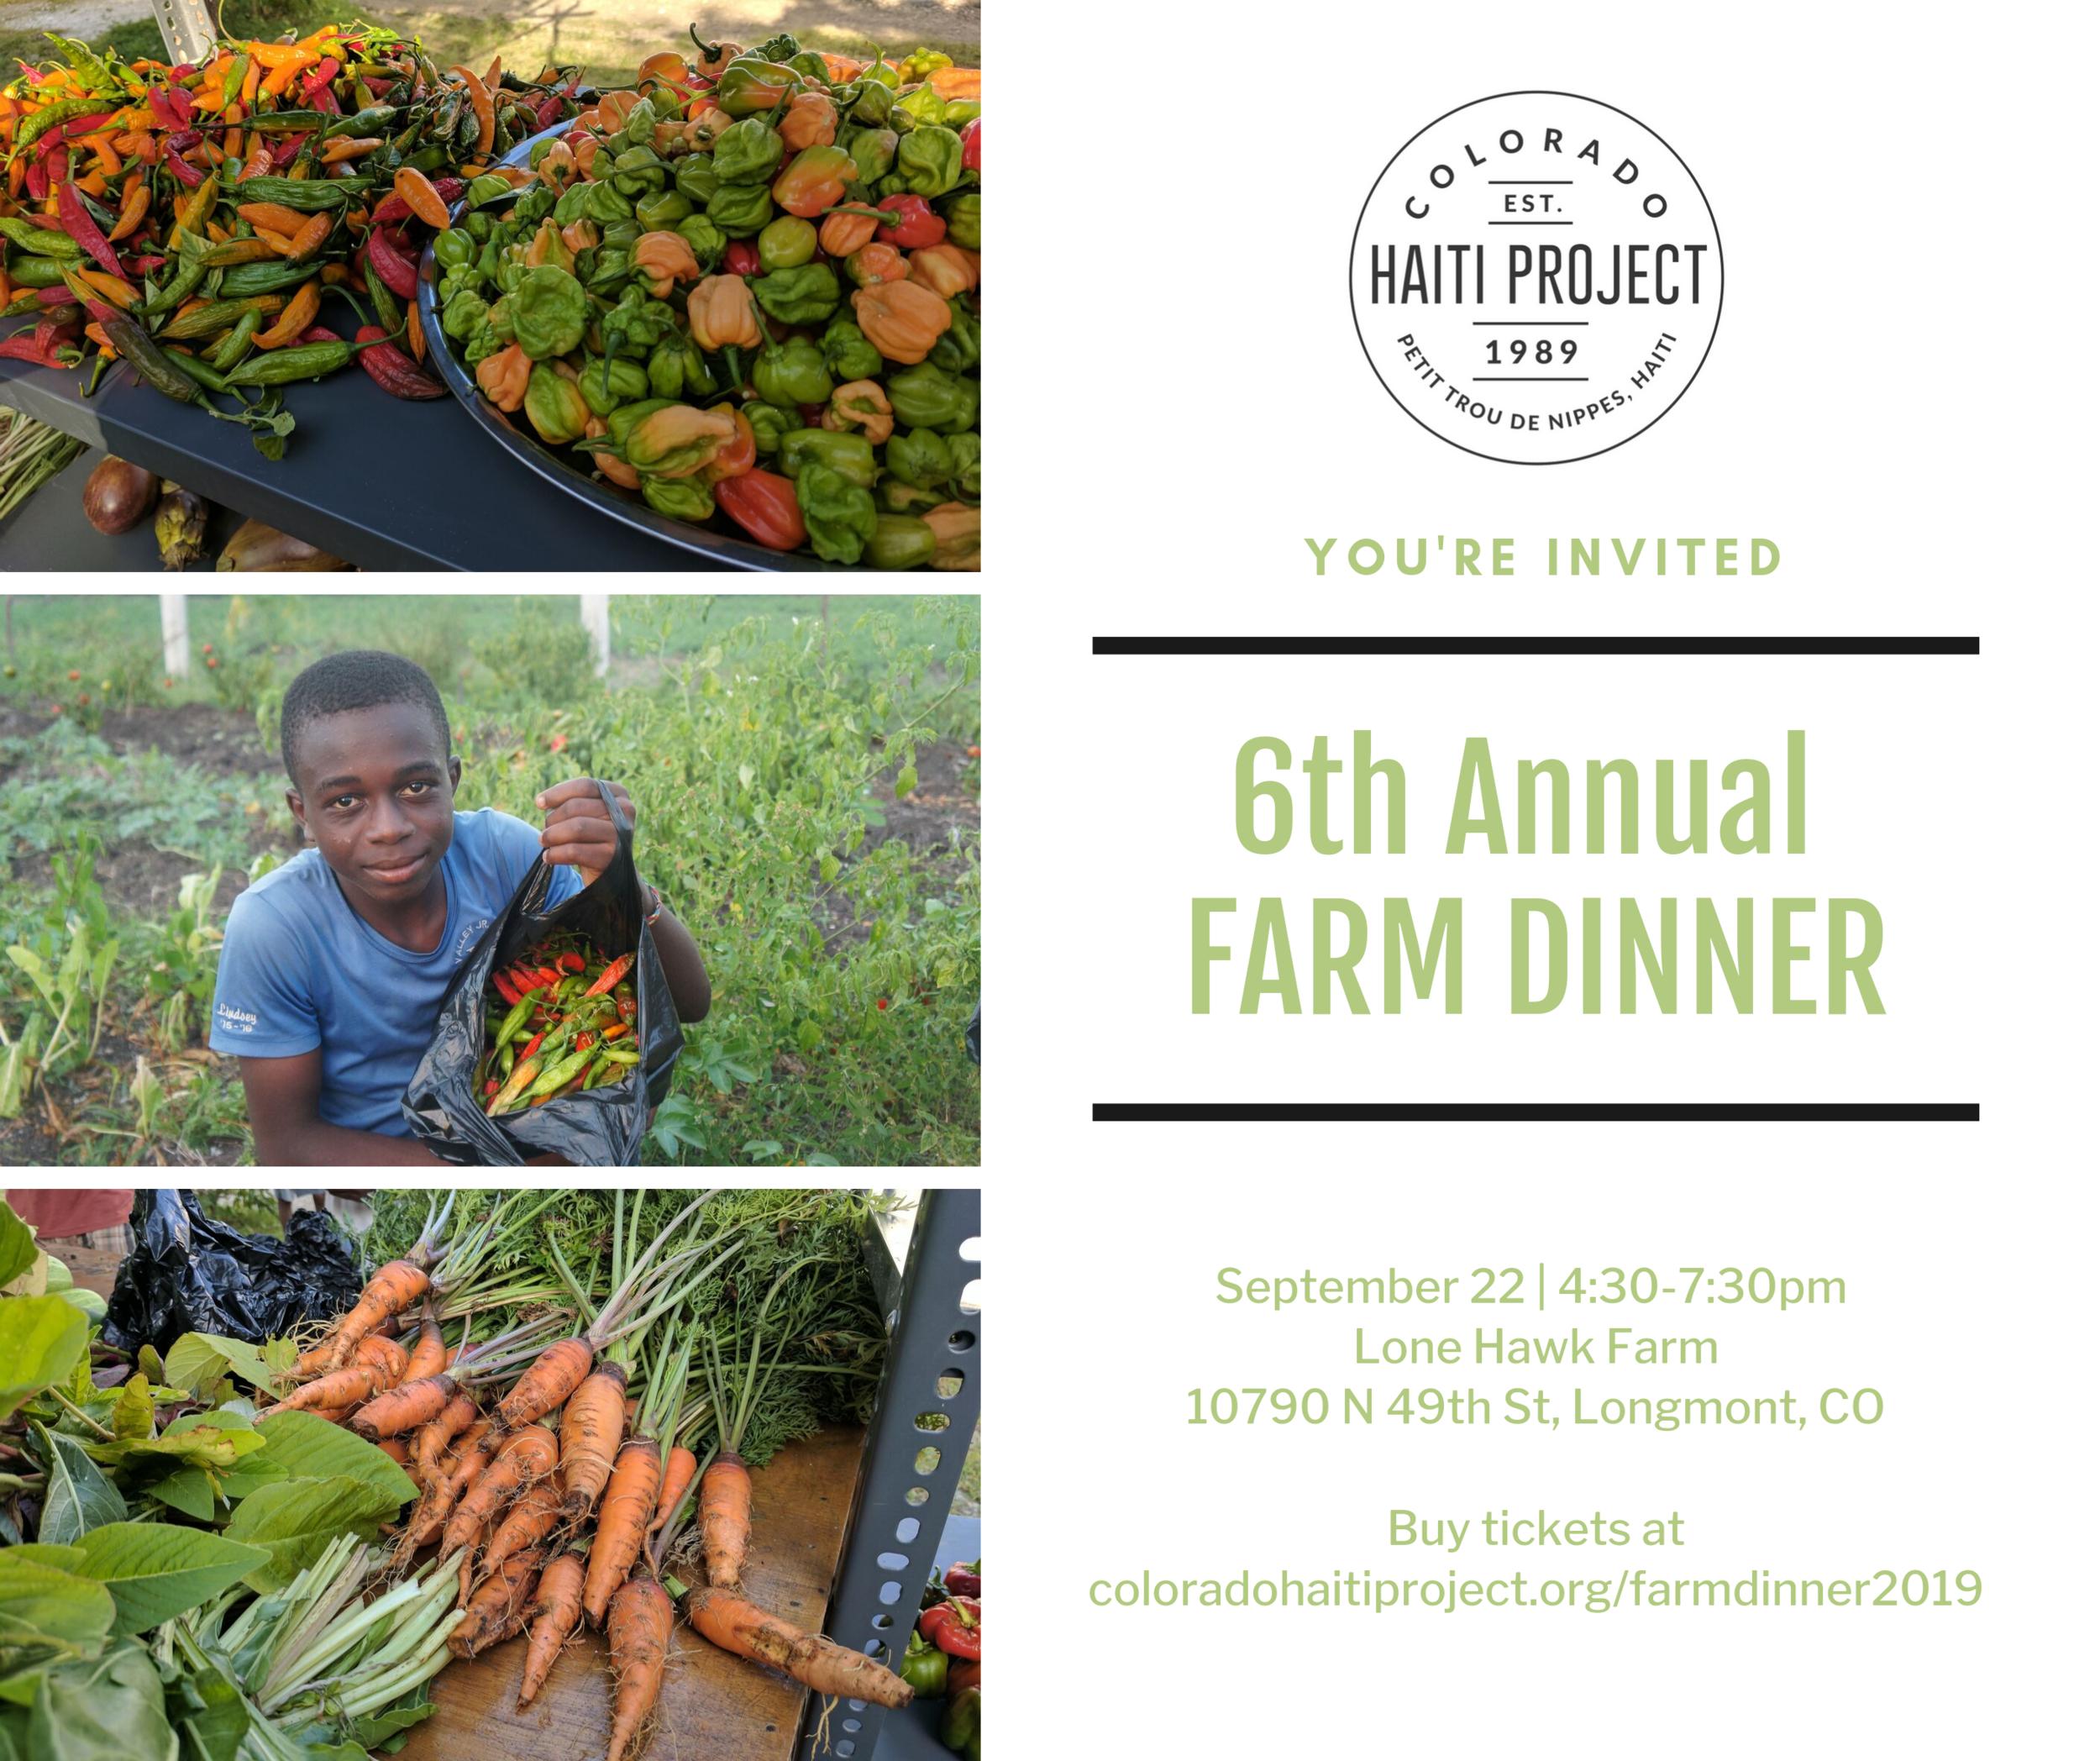 Farm Dinner Invite 2019 (1).png